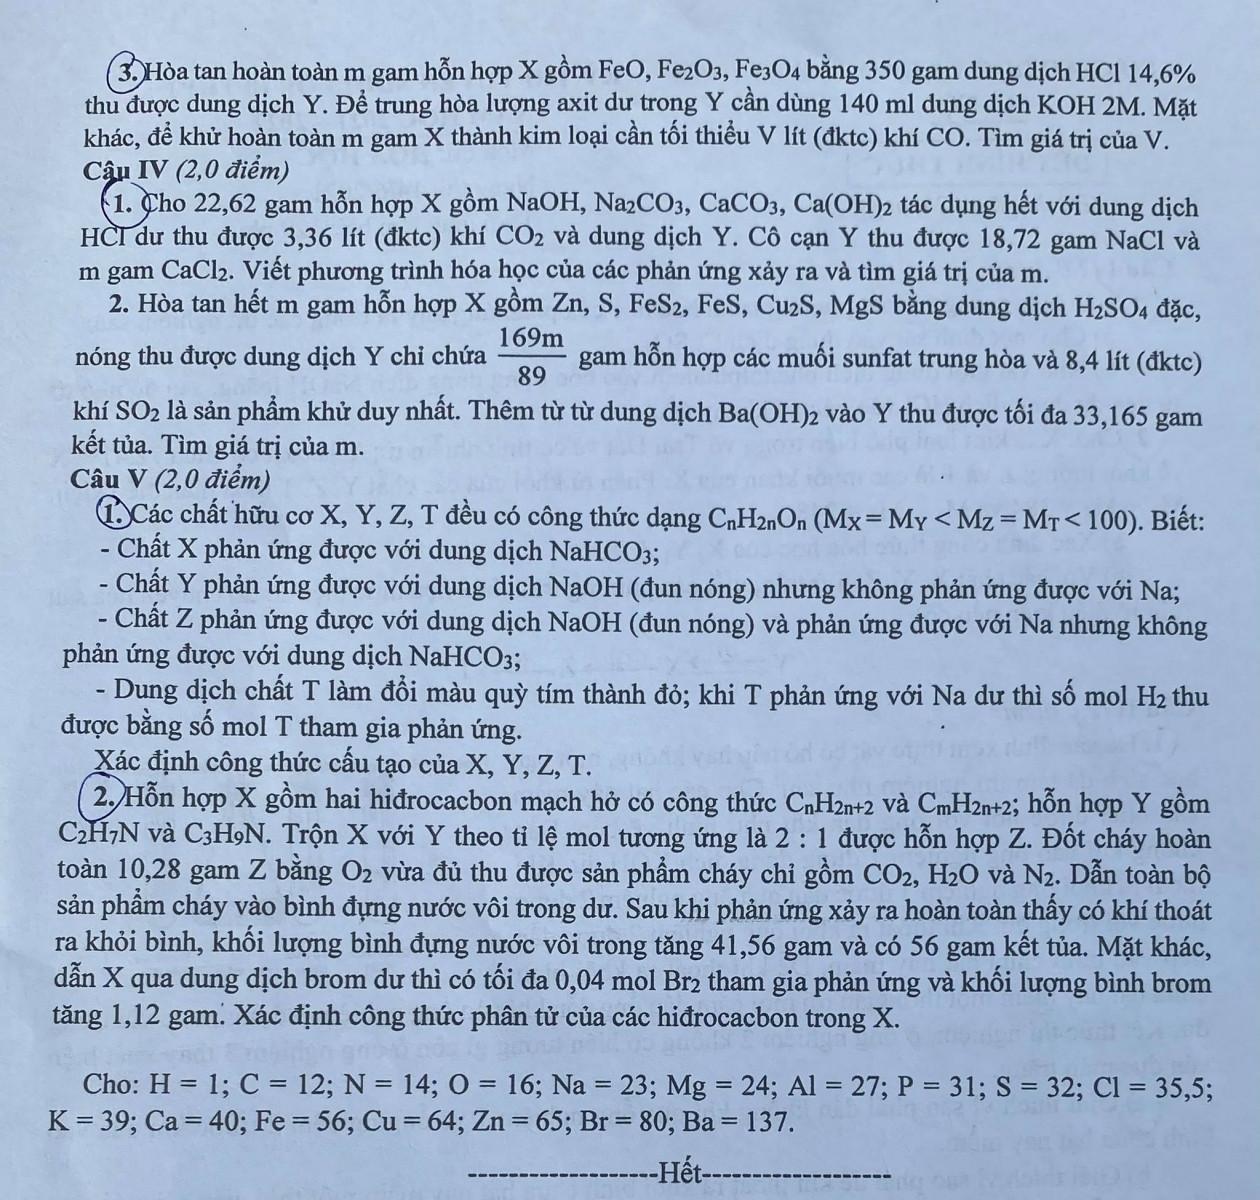 Đề môn Hoá thi vào lớp 10 trường chuyên của Hà Nội - 2